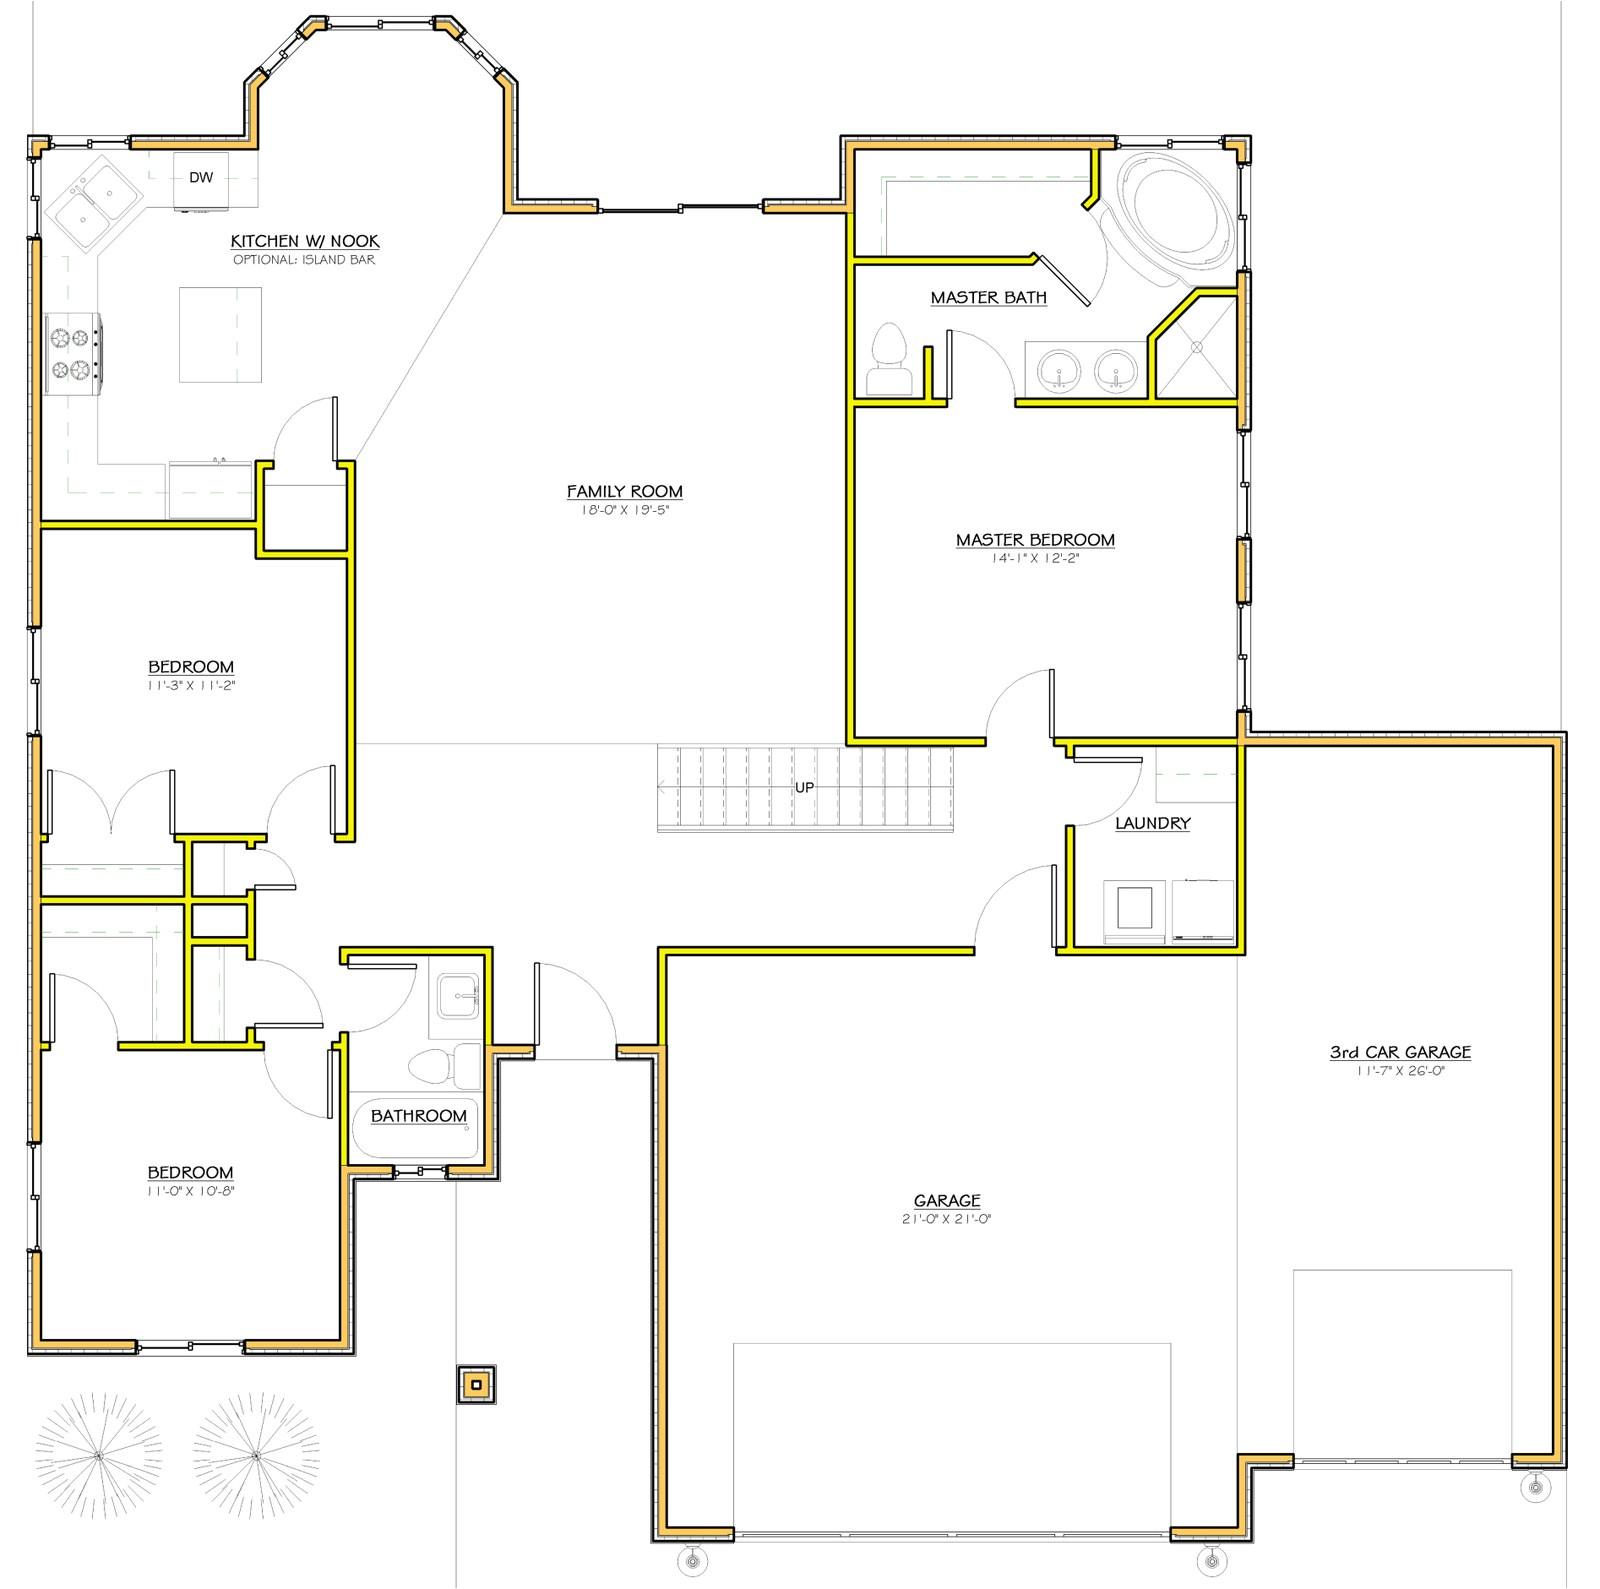 home plans dp2